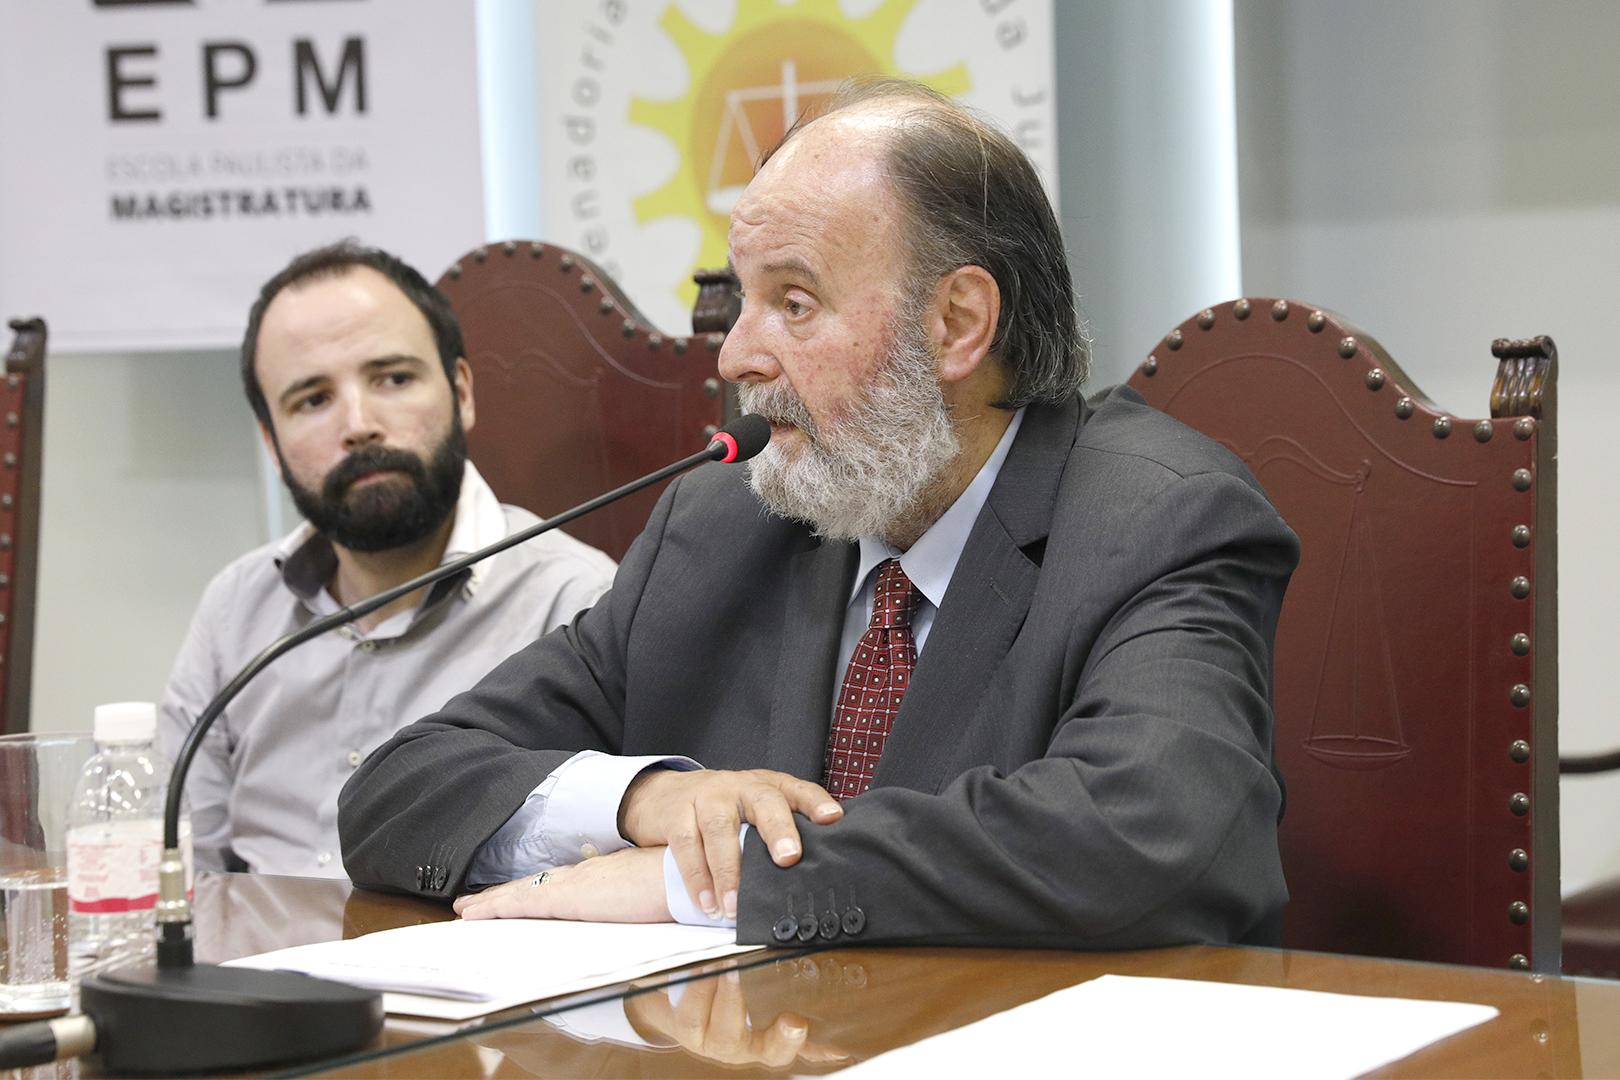 EPM e CIJ promovem seminário sobre a importância da figura paterna